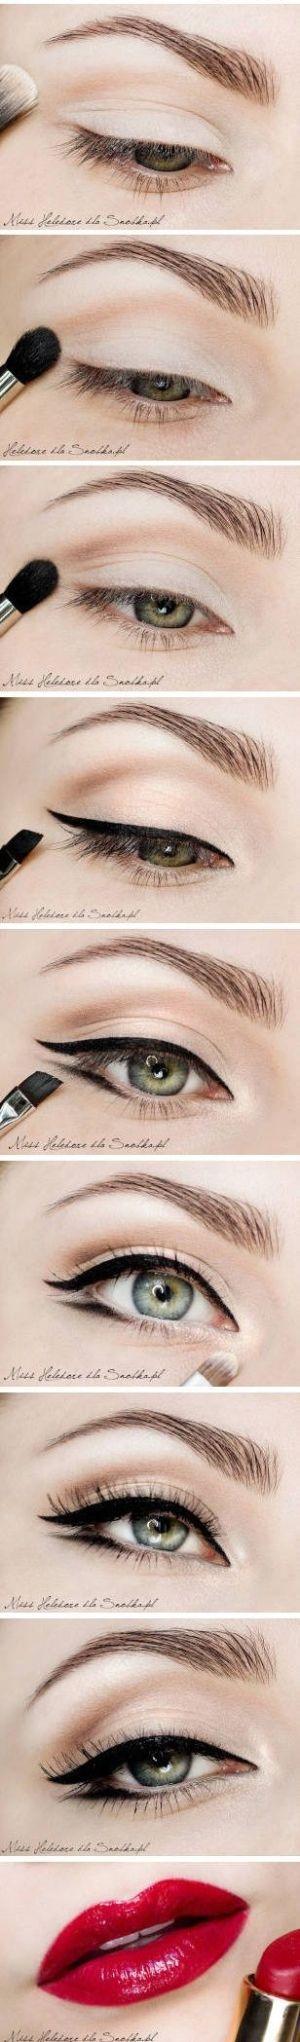 #tutorial #eyeliner by eva.sarneel